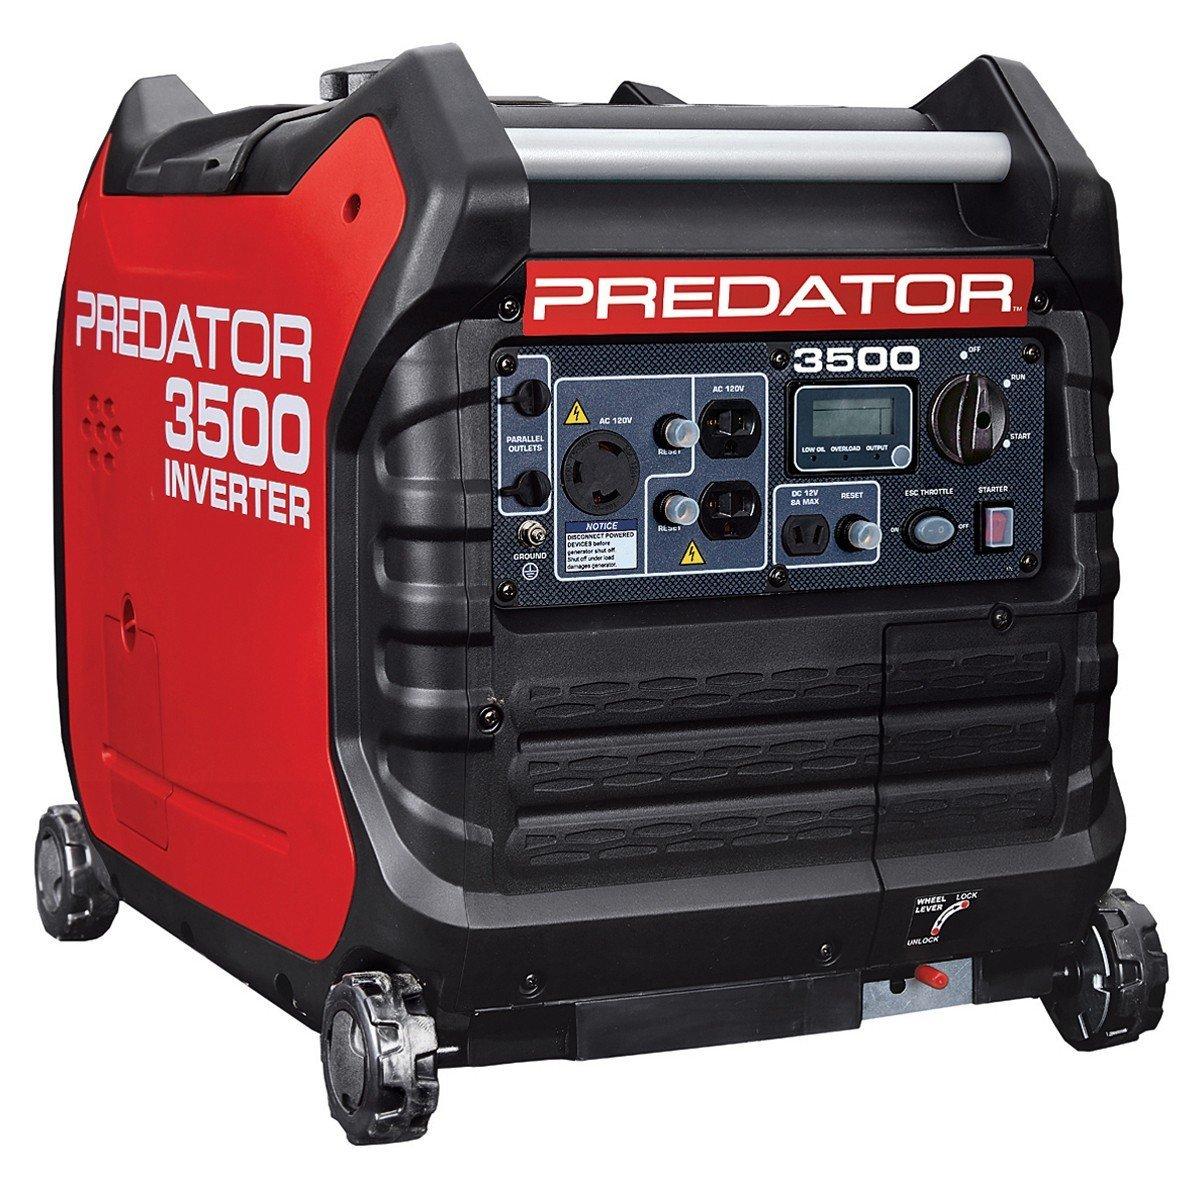 Generator Stator For Polaris Predator 500 2003 2004 OEM Repl.# 3088159